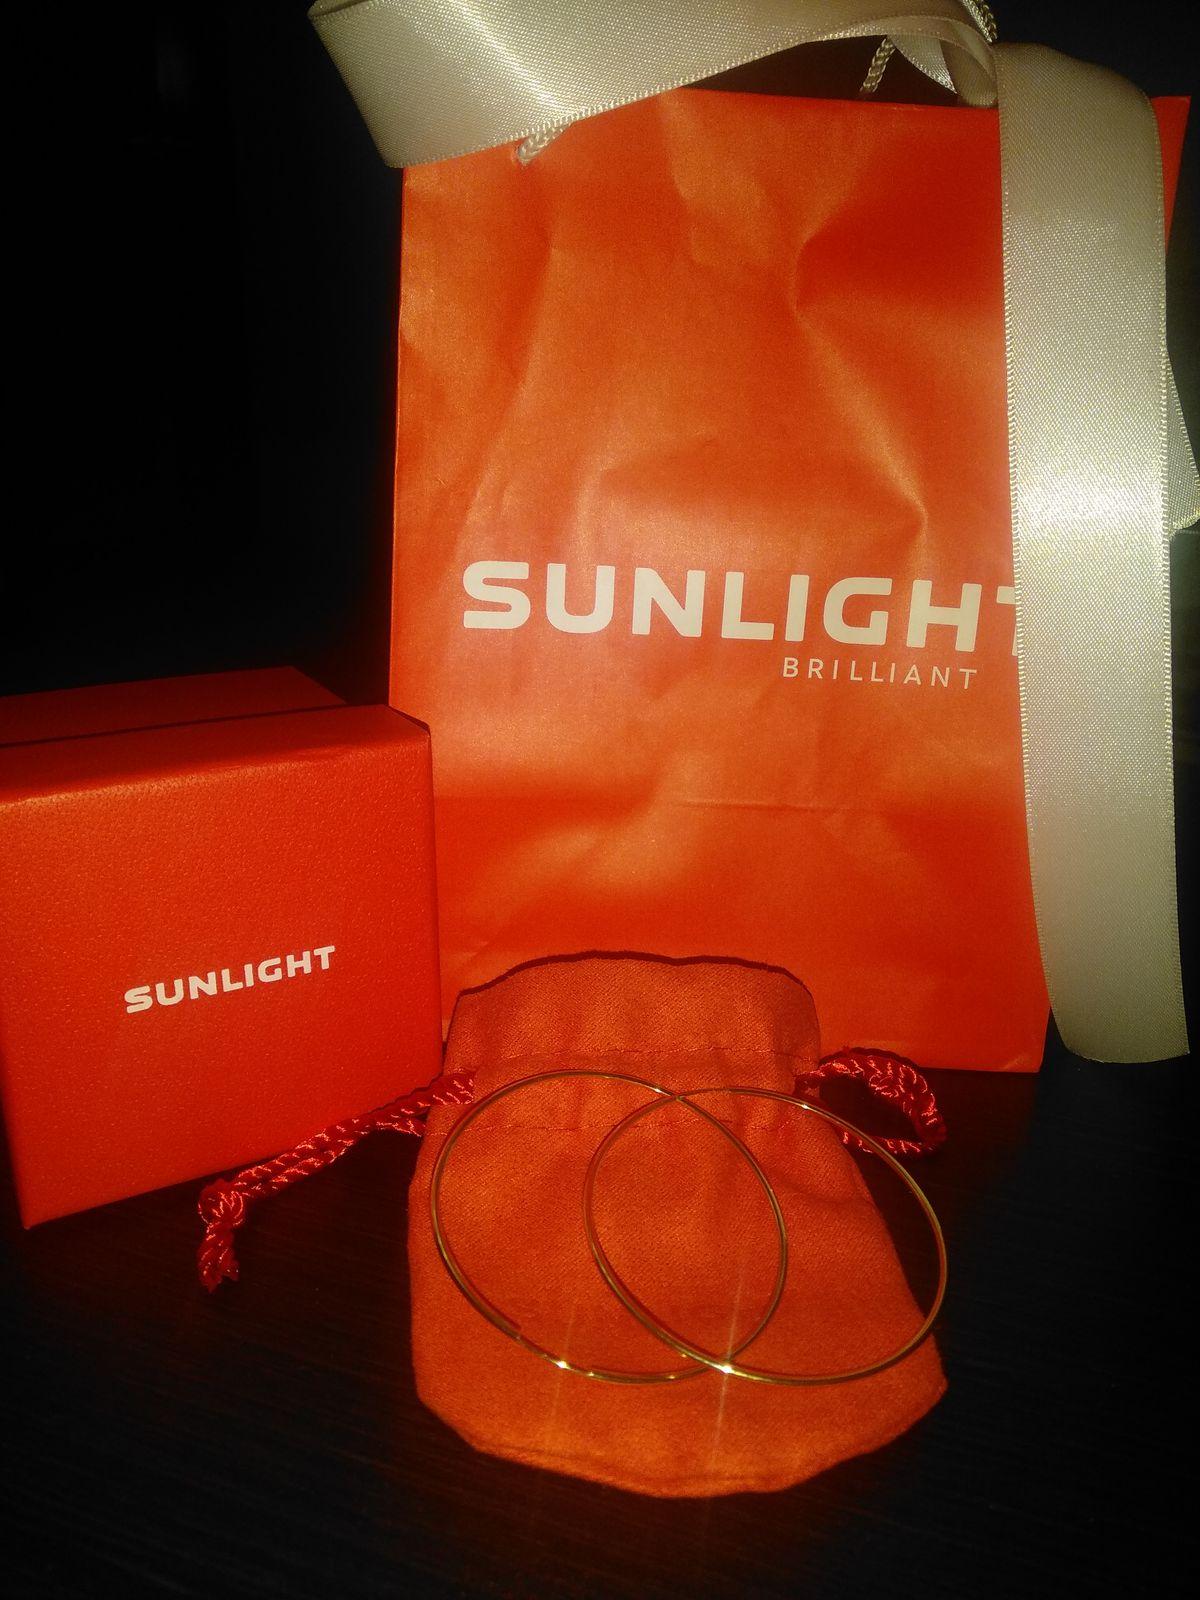 Sunlight спасибо большое 🤗